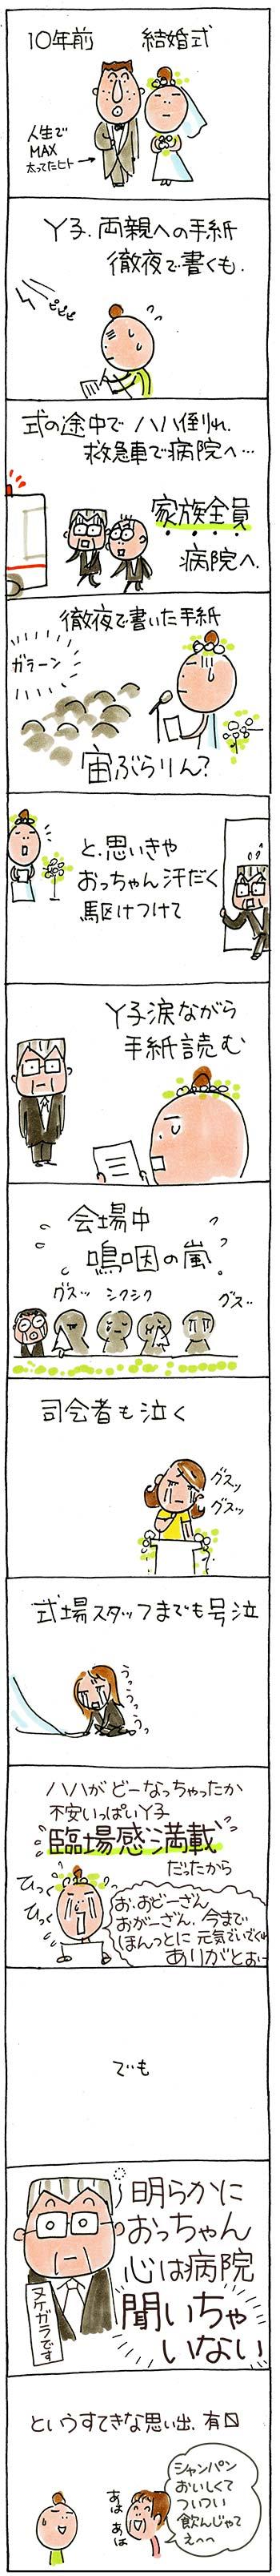 150910_10周年